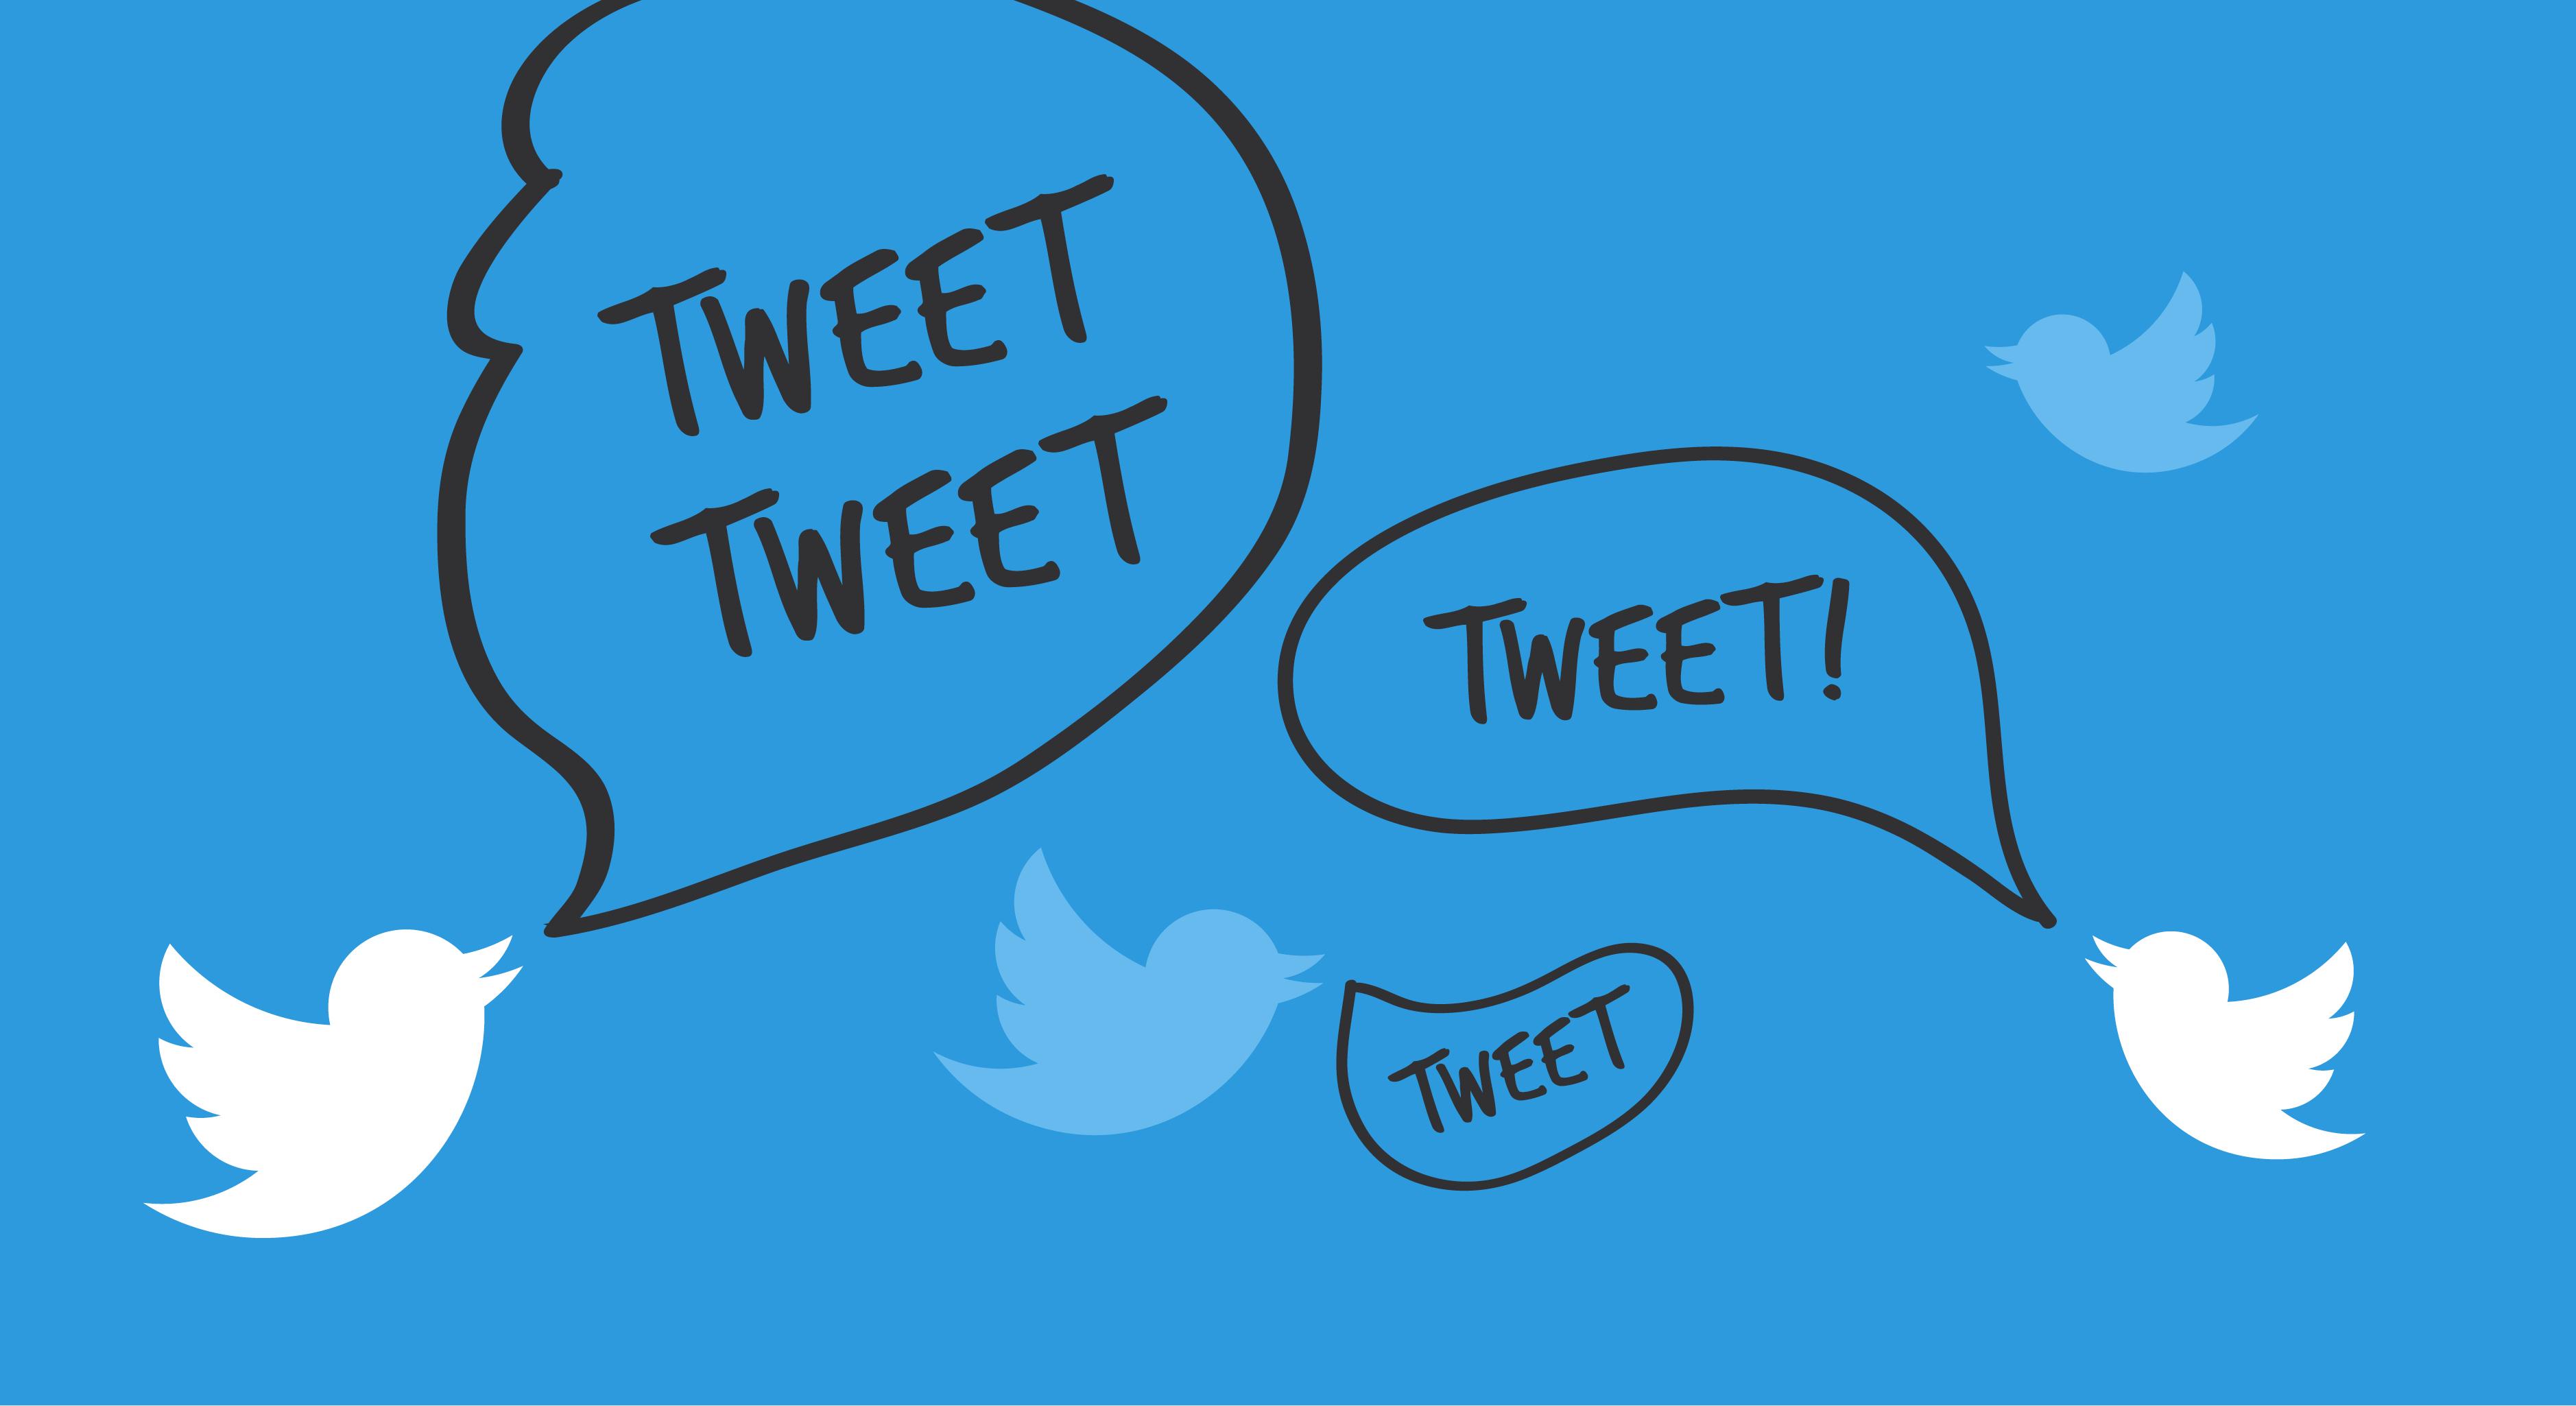 L'avant-match en tweets